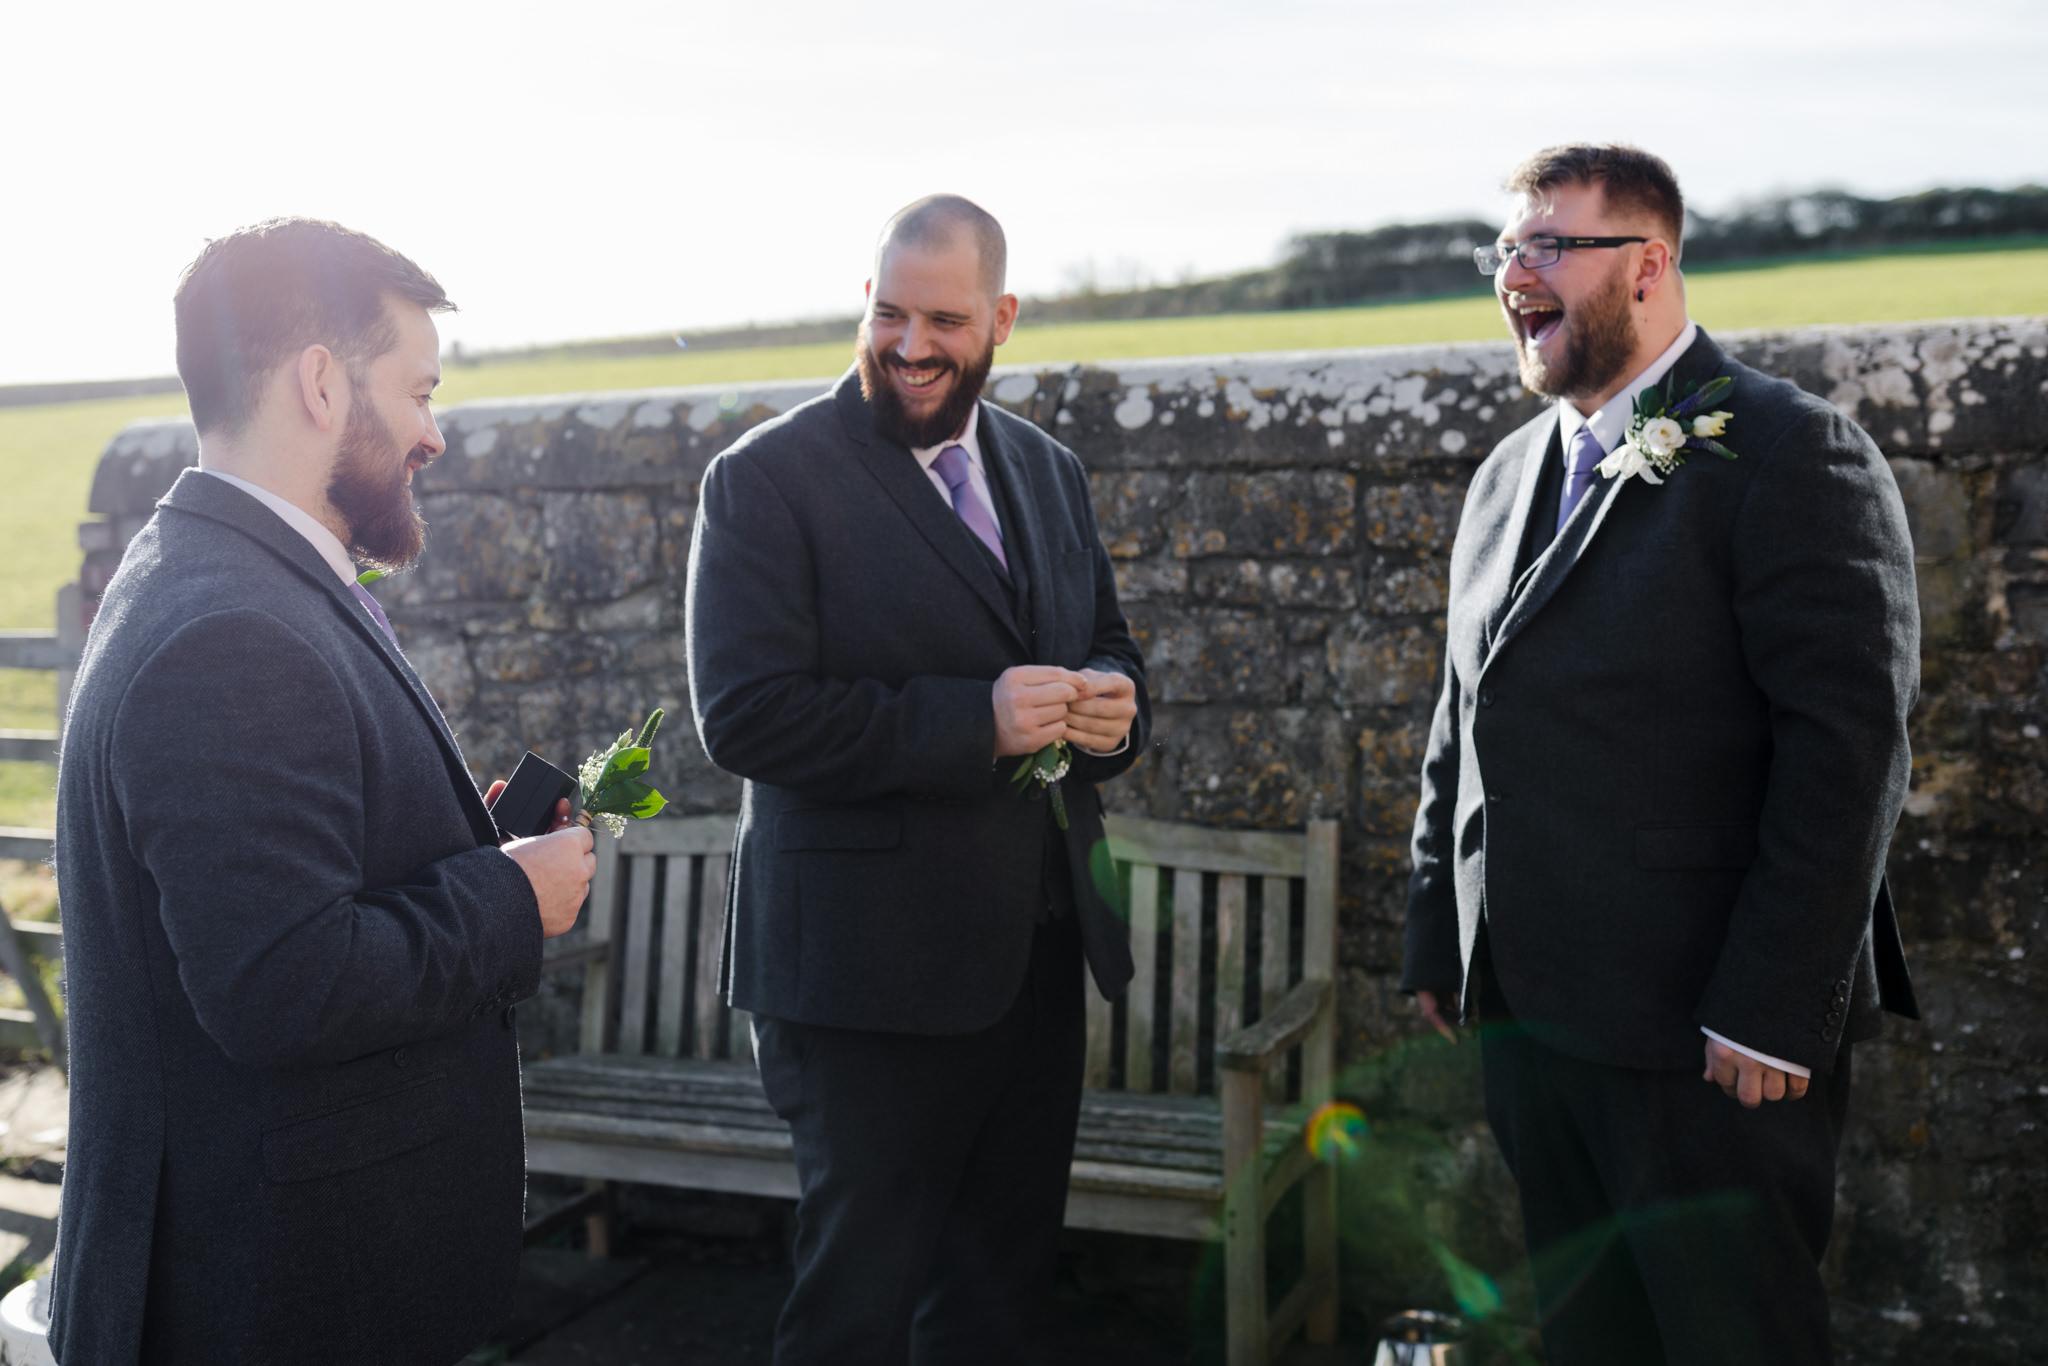 Rosedew Farm wedding Photography-35- Art by Design